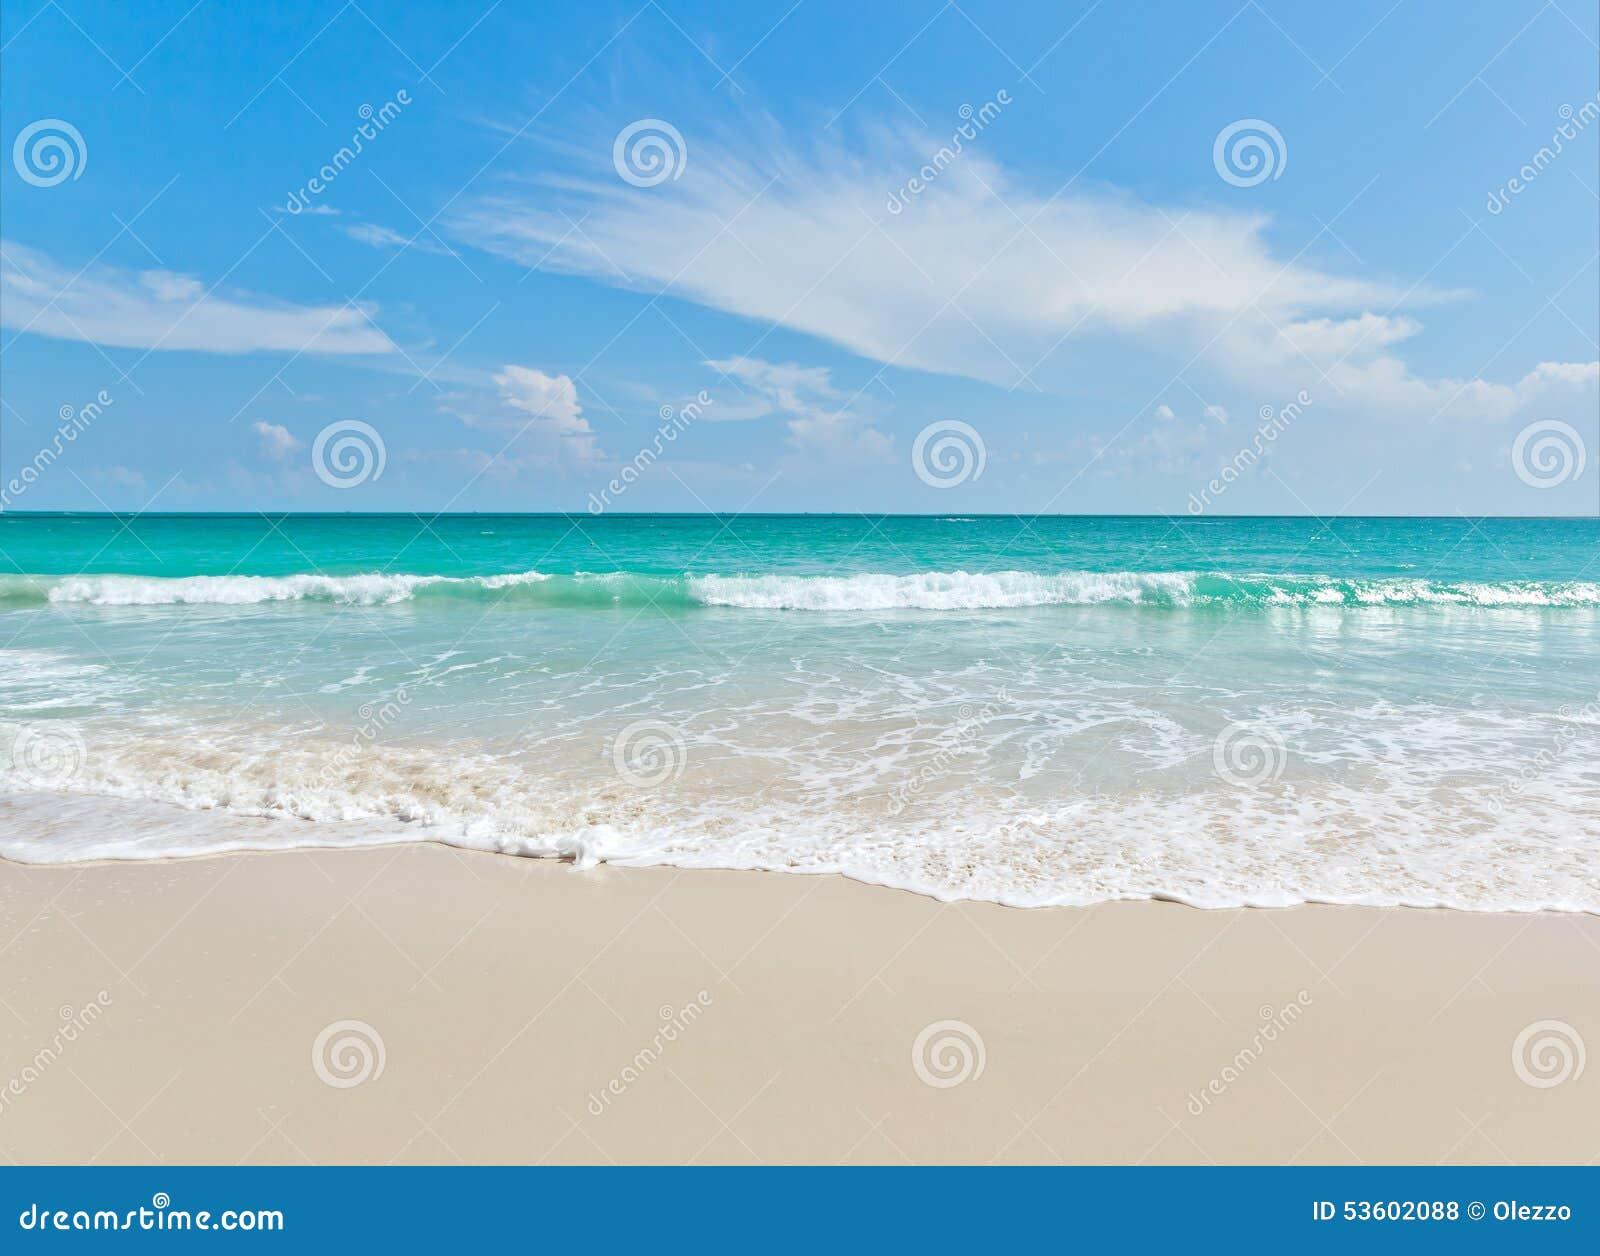 Viewpo för landskap för avkoppling för dagsljus för sol för sand för blå himmel för havsstrand